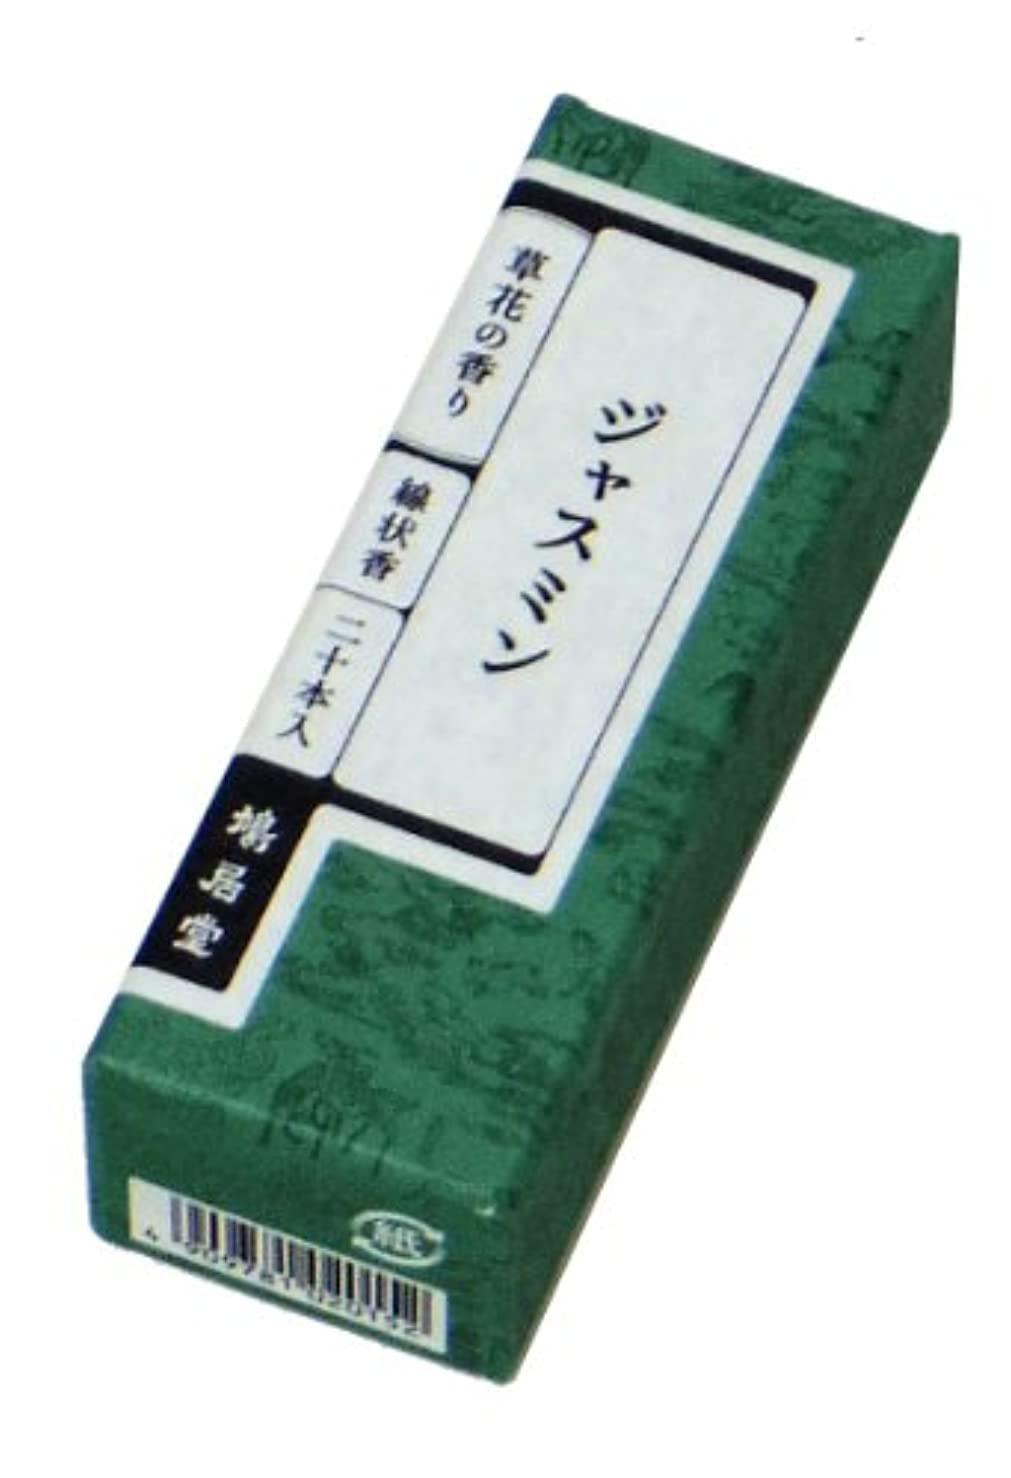 パラメータオール気配りのある鳩居堂のお香 草花の香り ジャスミン 20本入 6cm